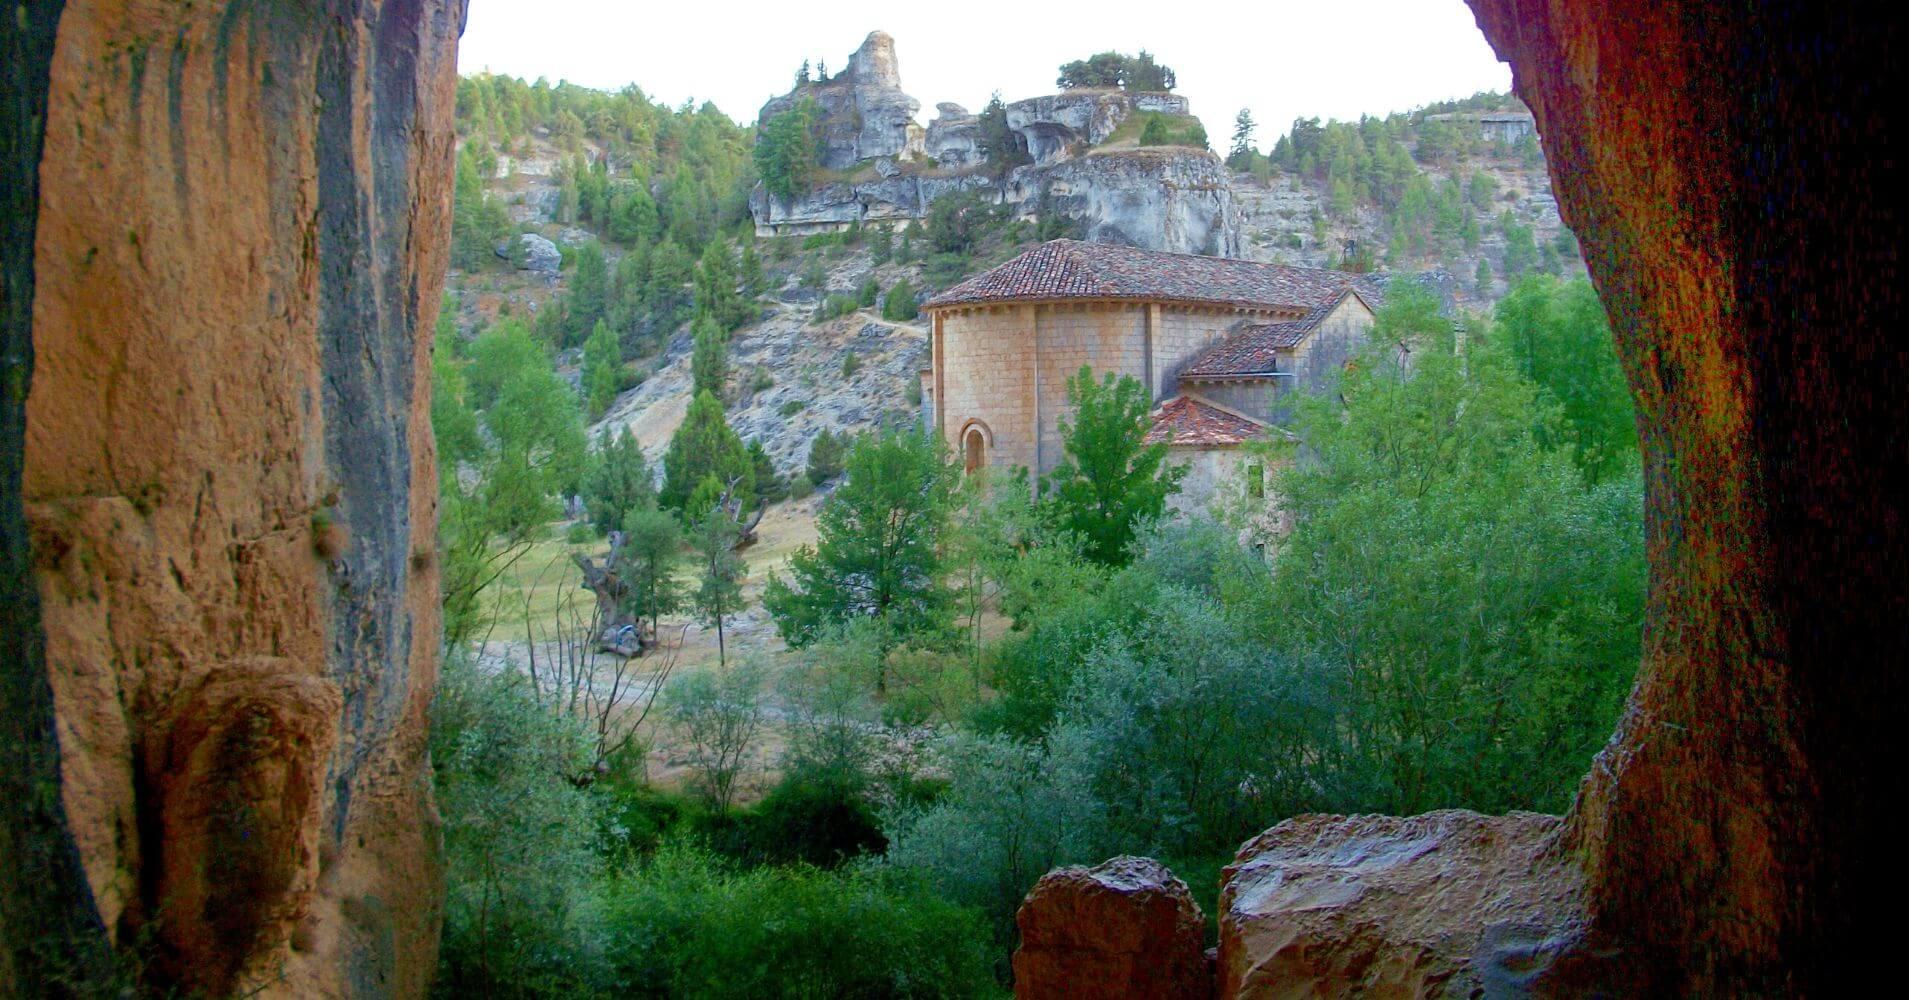 Cueva Grande y Ermita de San Bartolomé. Soria, Castilla y León.